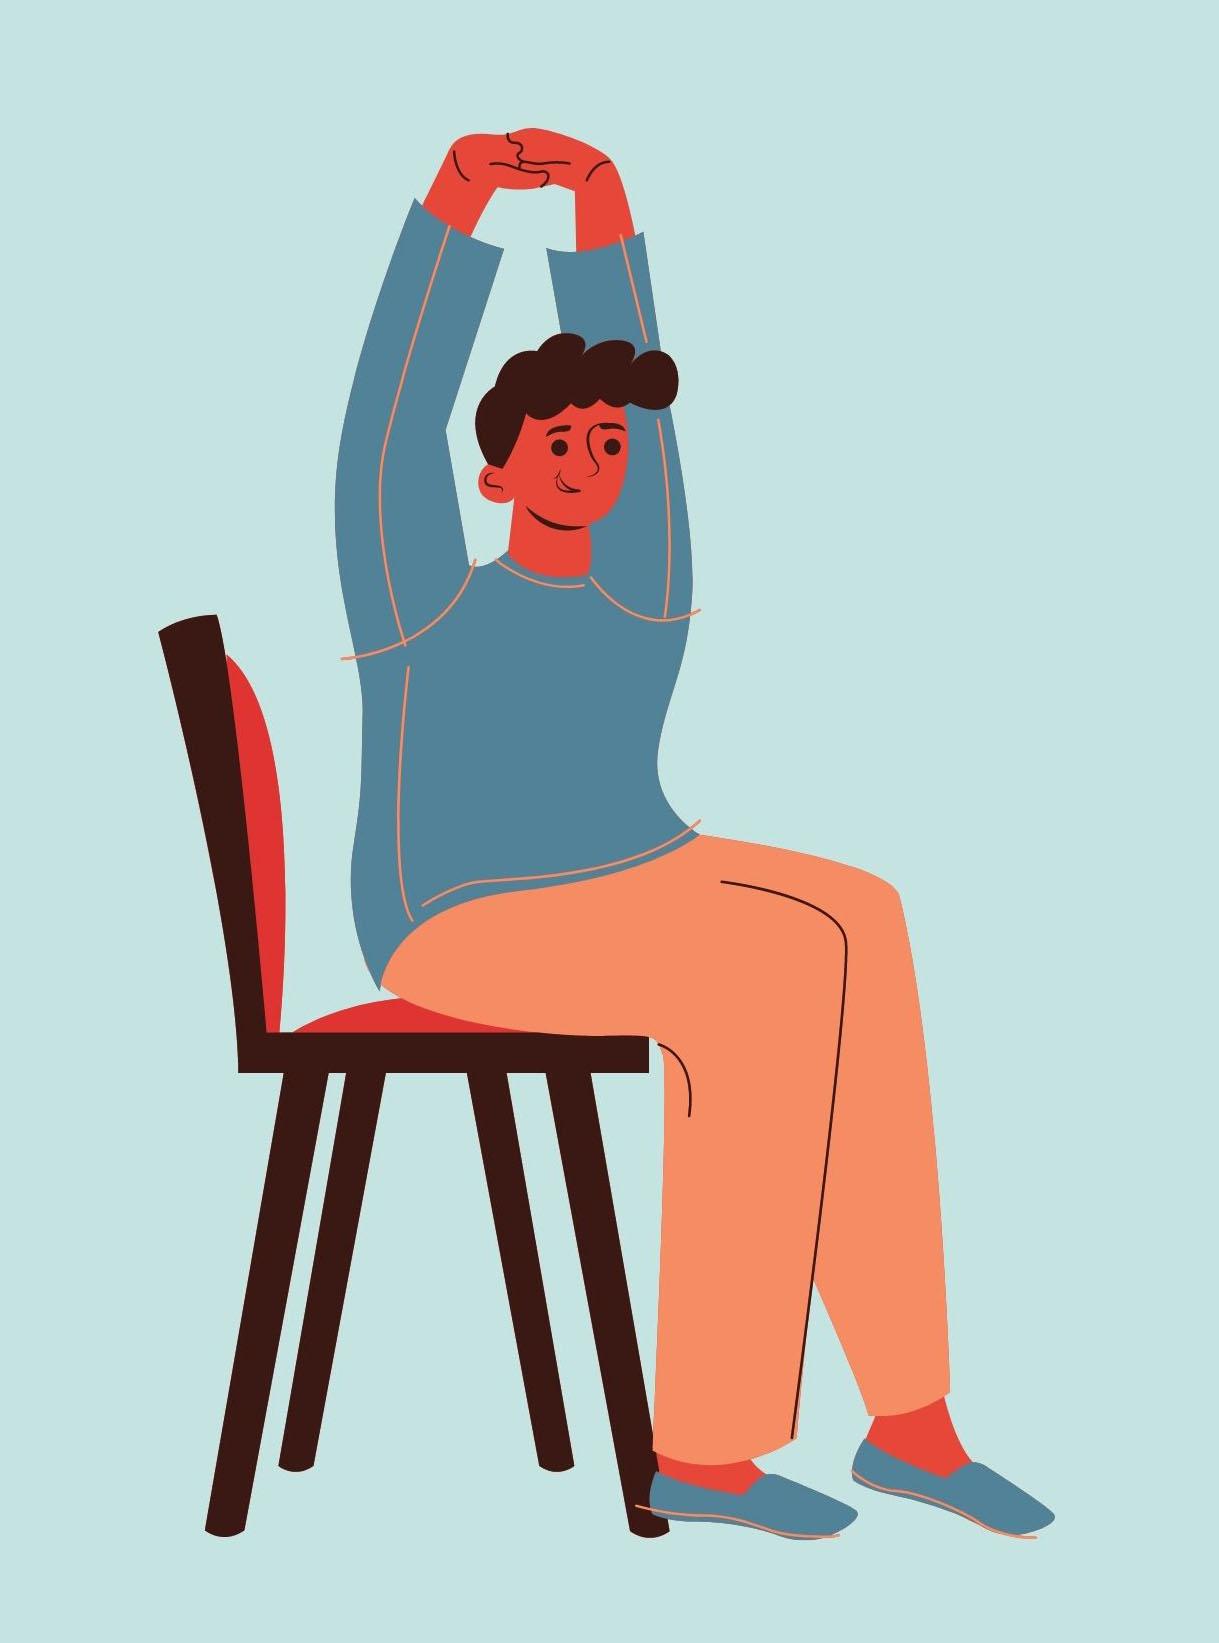 (Virtual) Chair Yoga